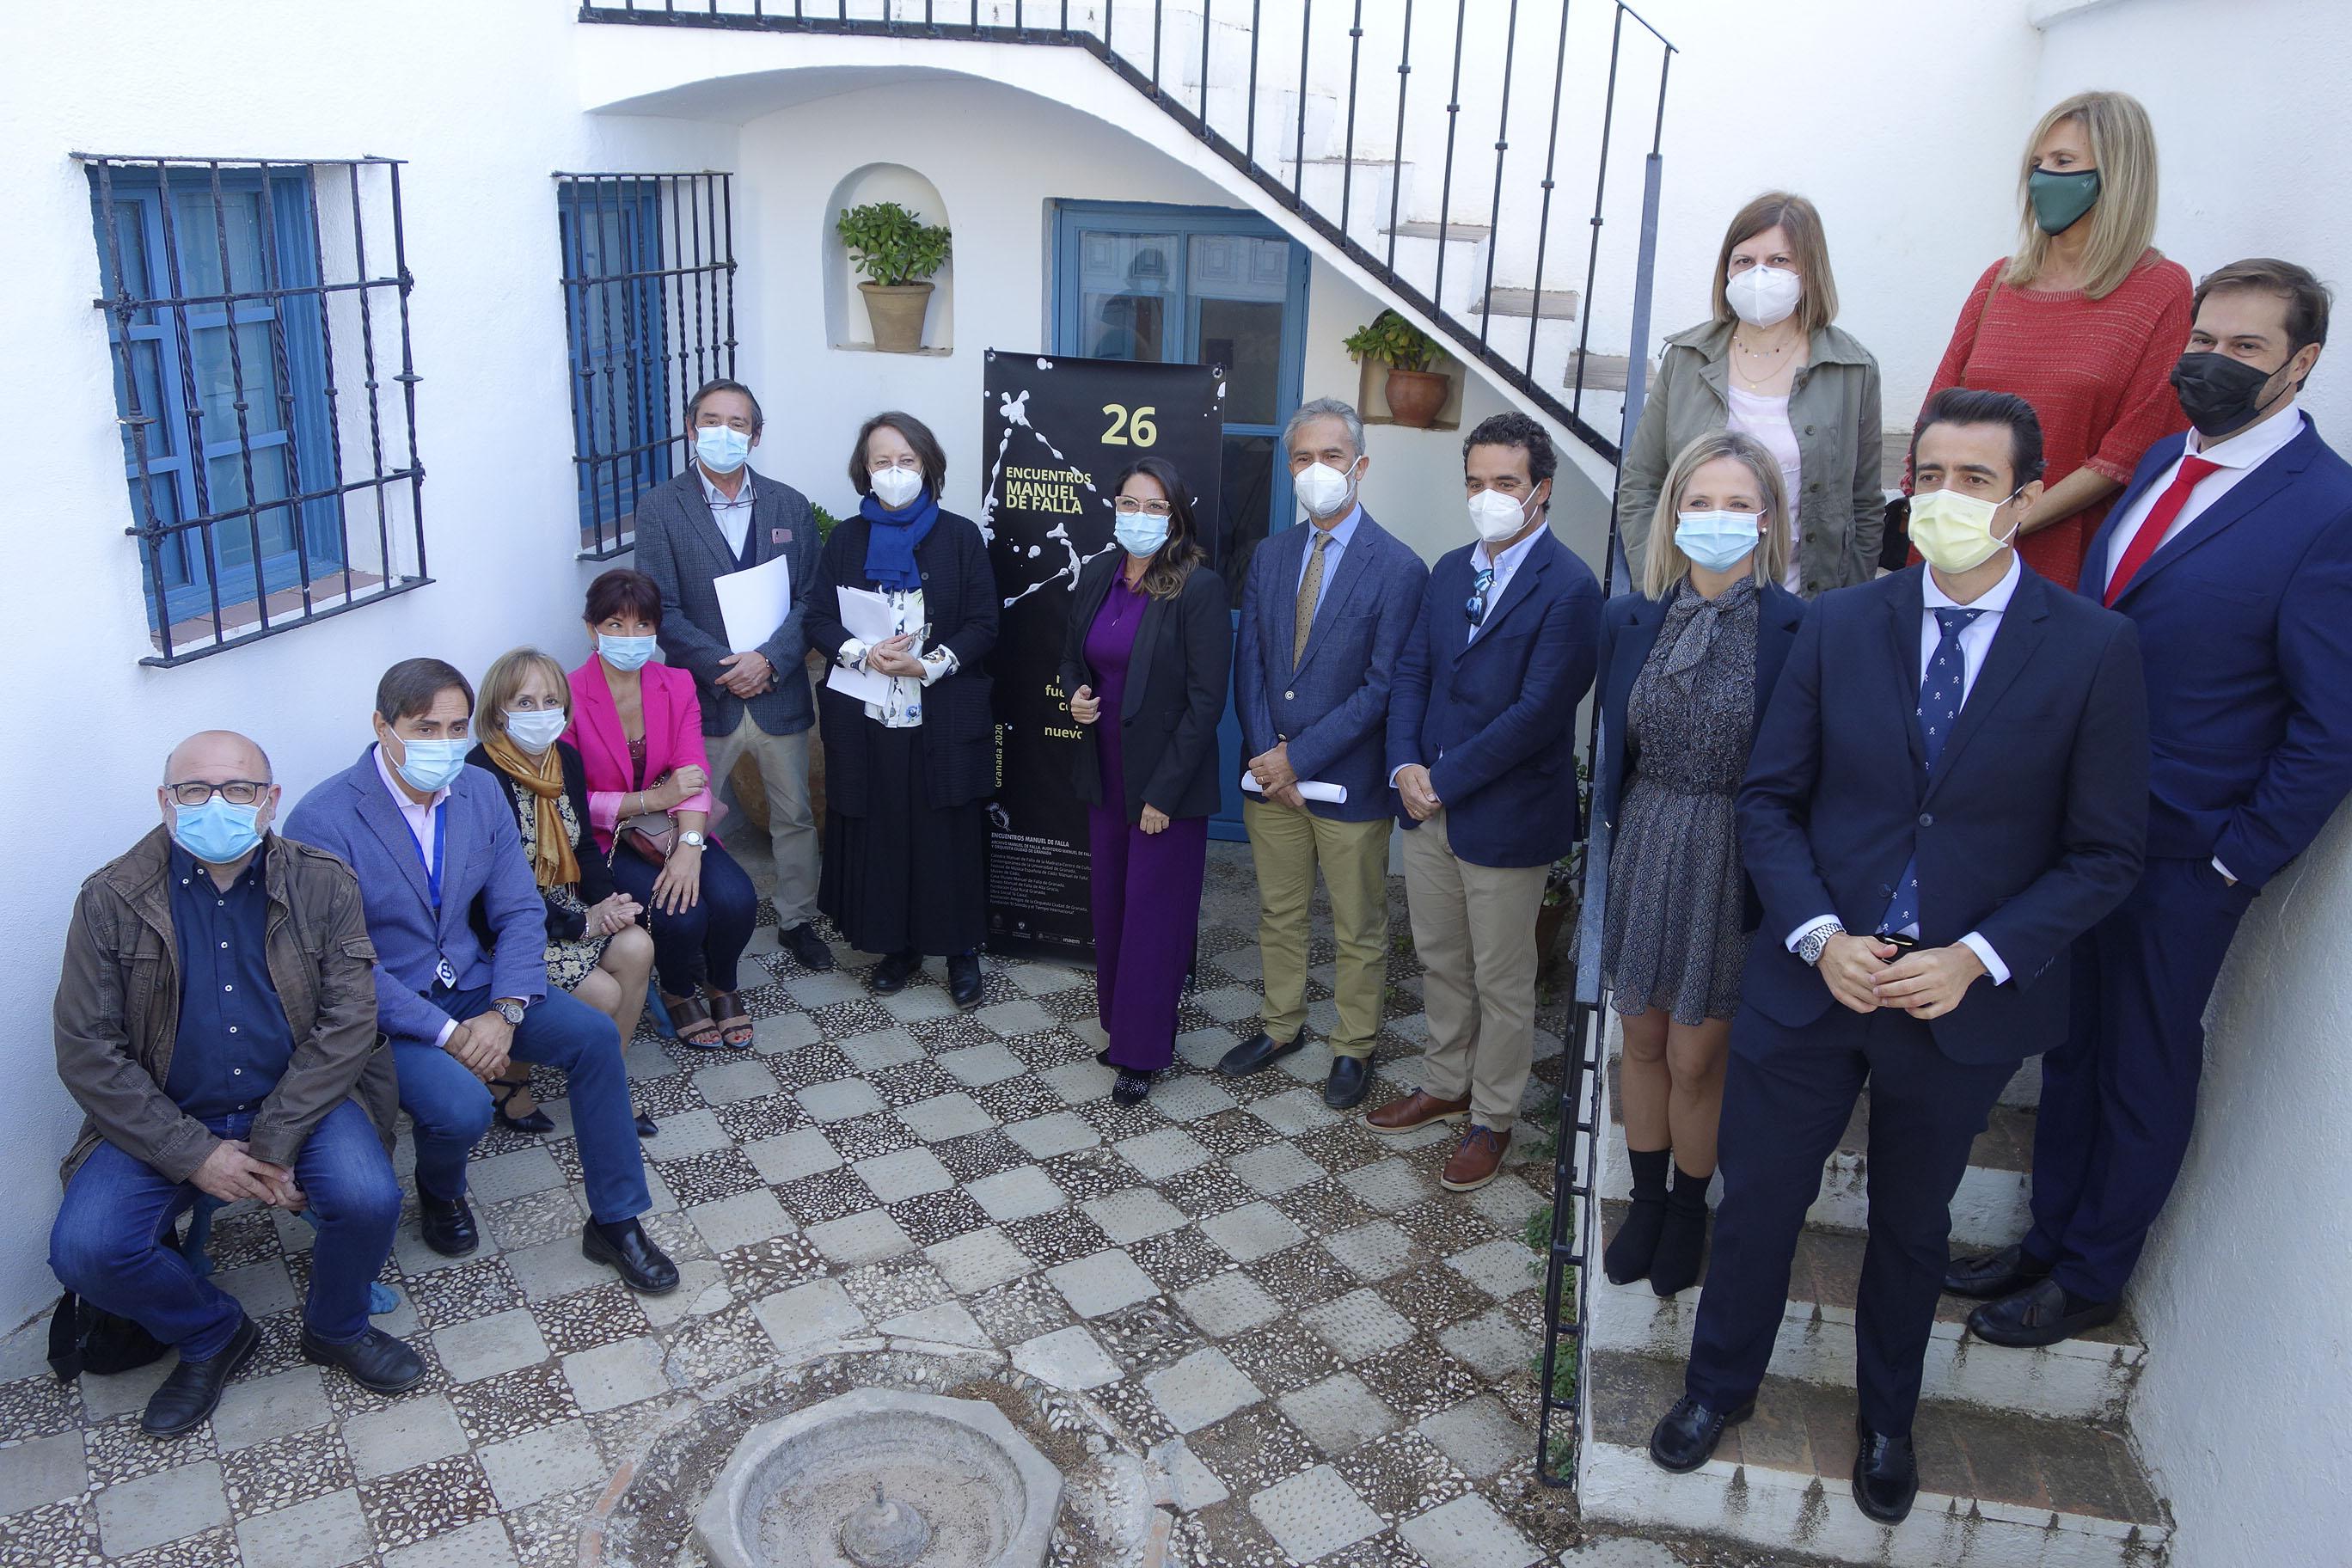 Los Encuentros Manuel de Falla proponen un recorrido de actividades entre Granada, Cádiz y Argentina